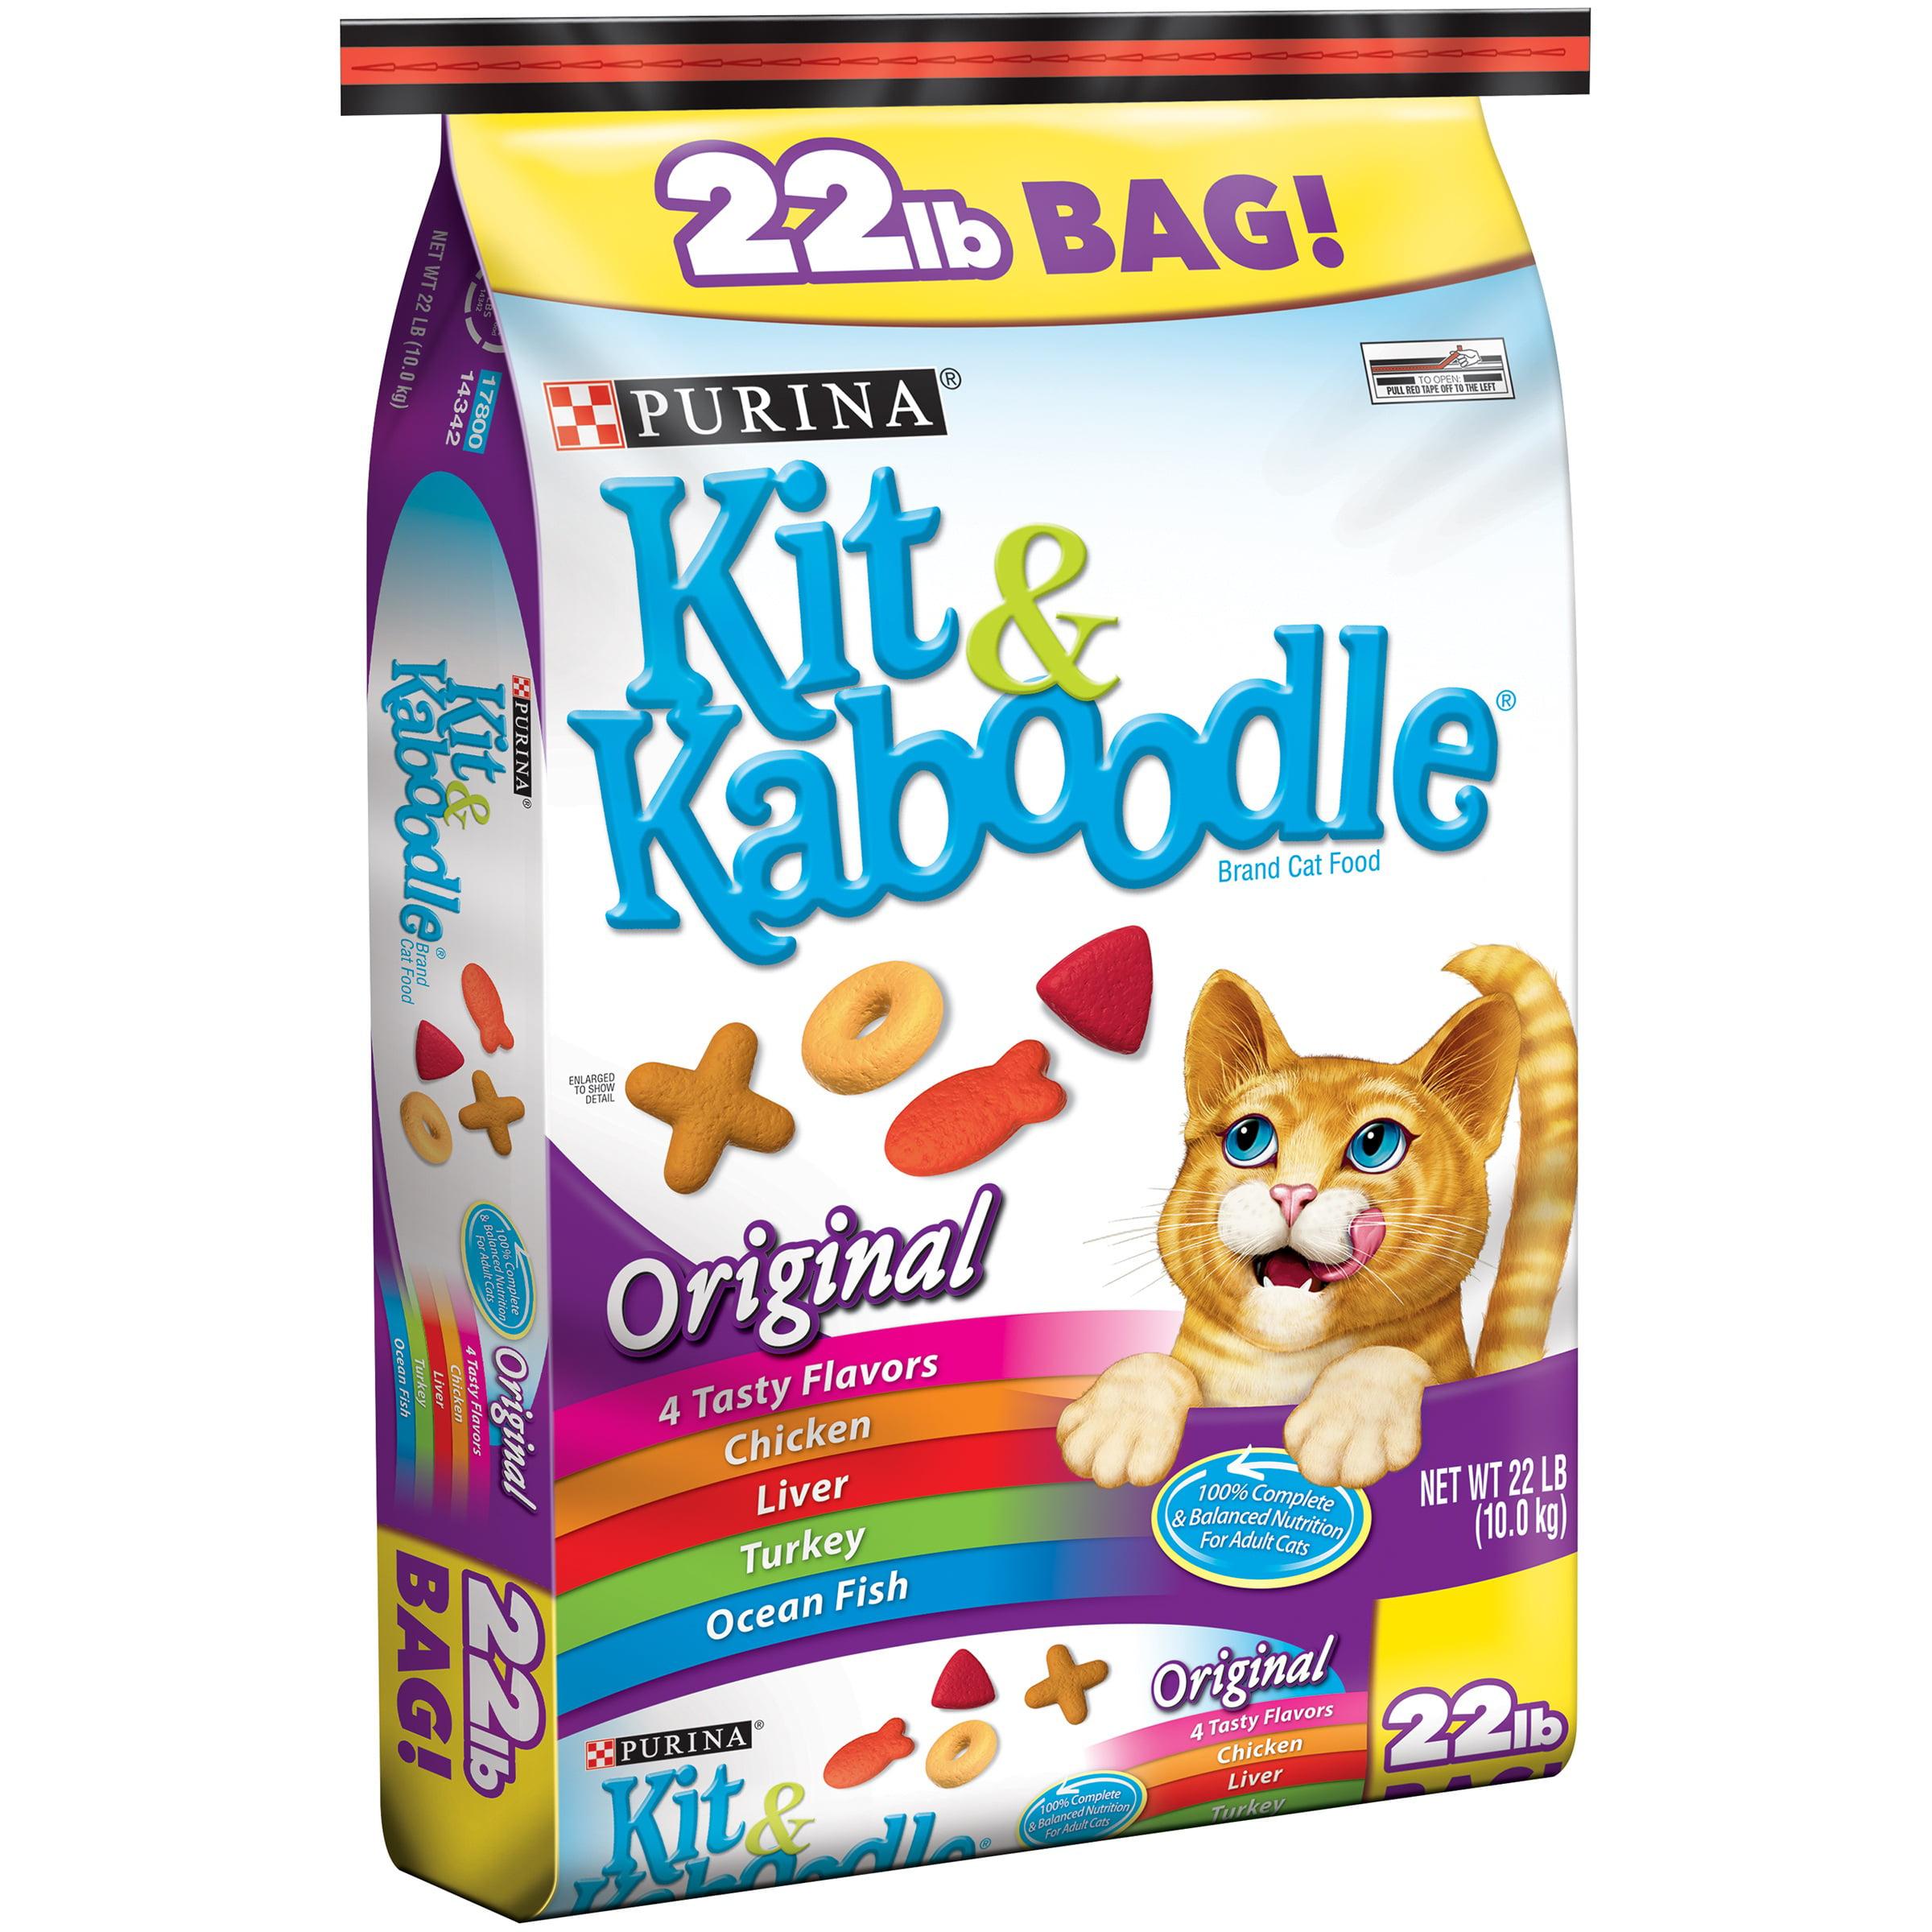 Purina Kit & Kaboodle Original Cat Food 22 lb. Bag